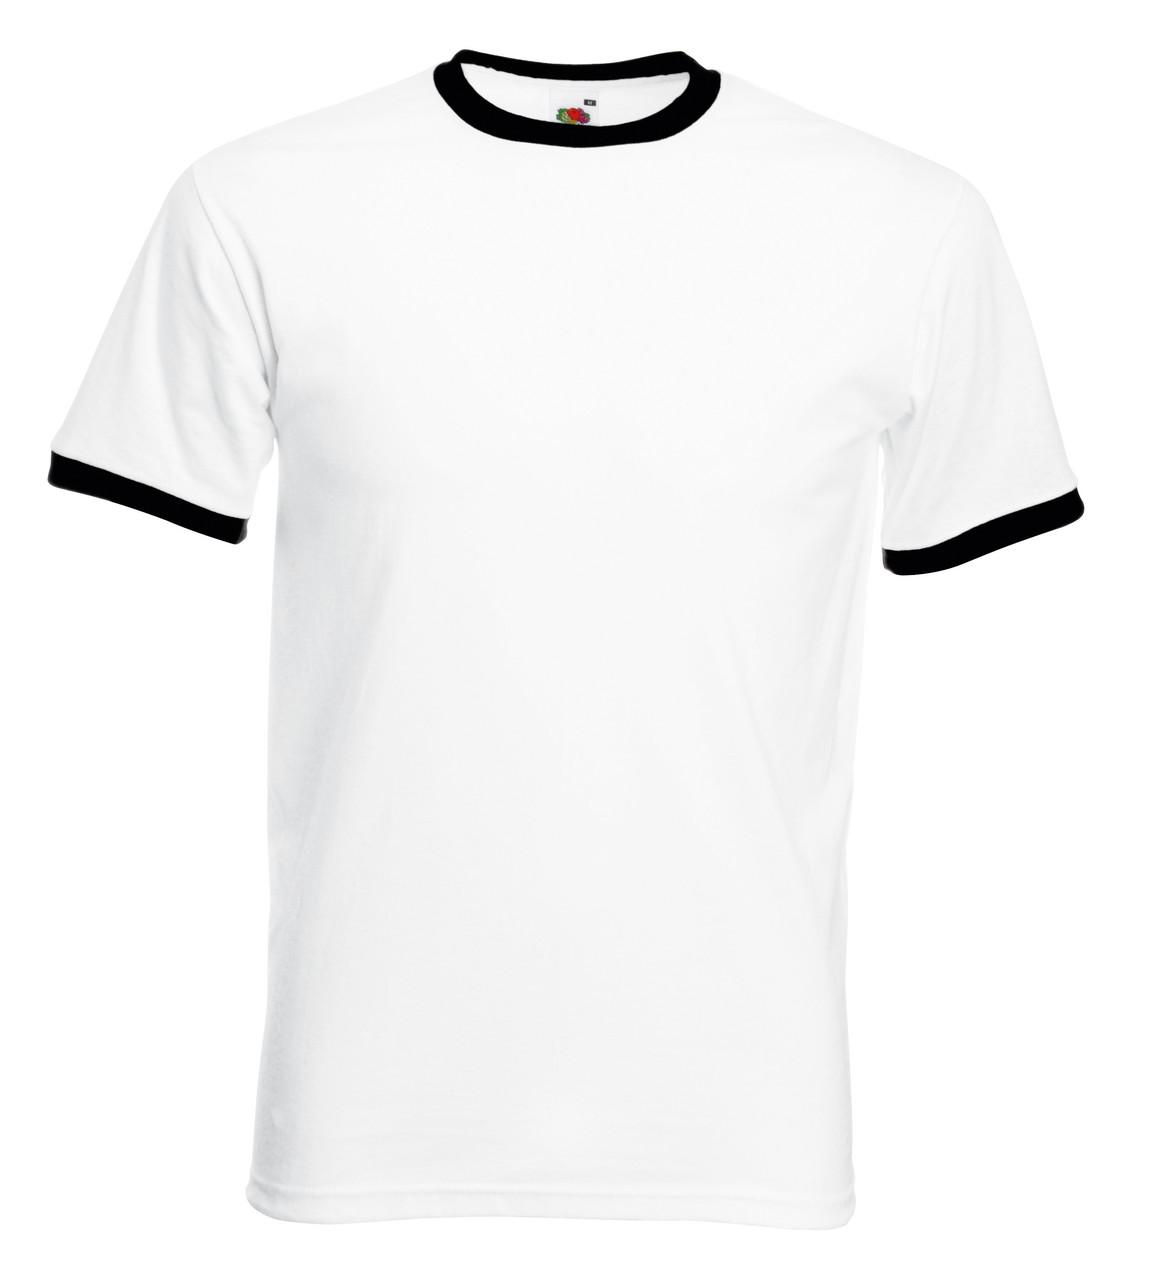 Мужская Футболка с Цветной Окантовкой Fruit of the loom Белый/Чёрный 61-168-Th Xl